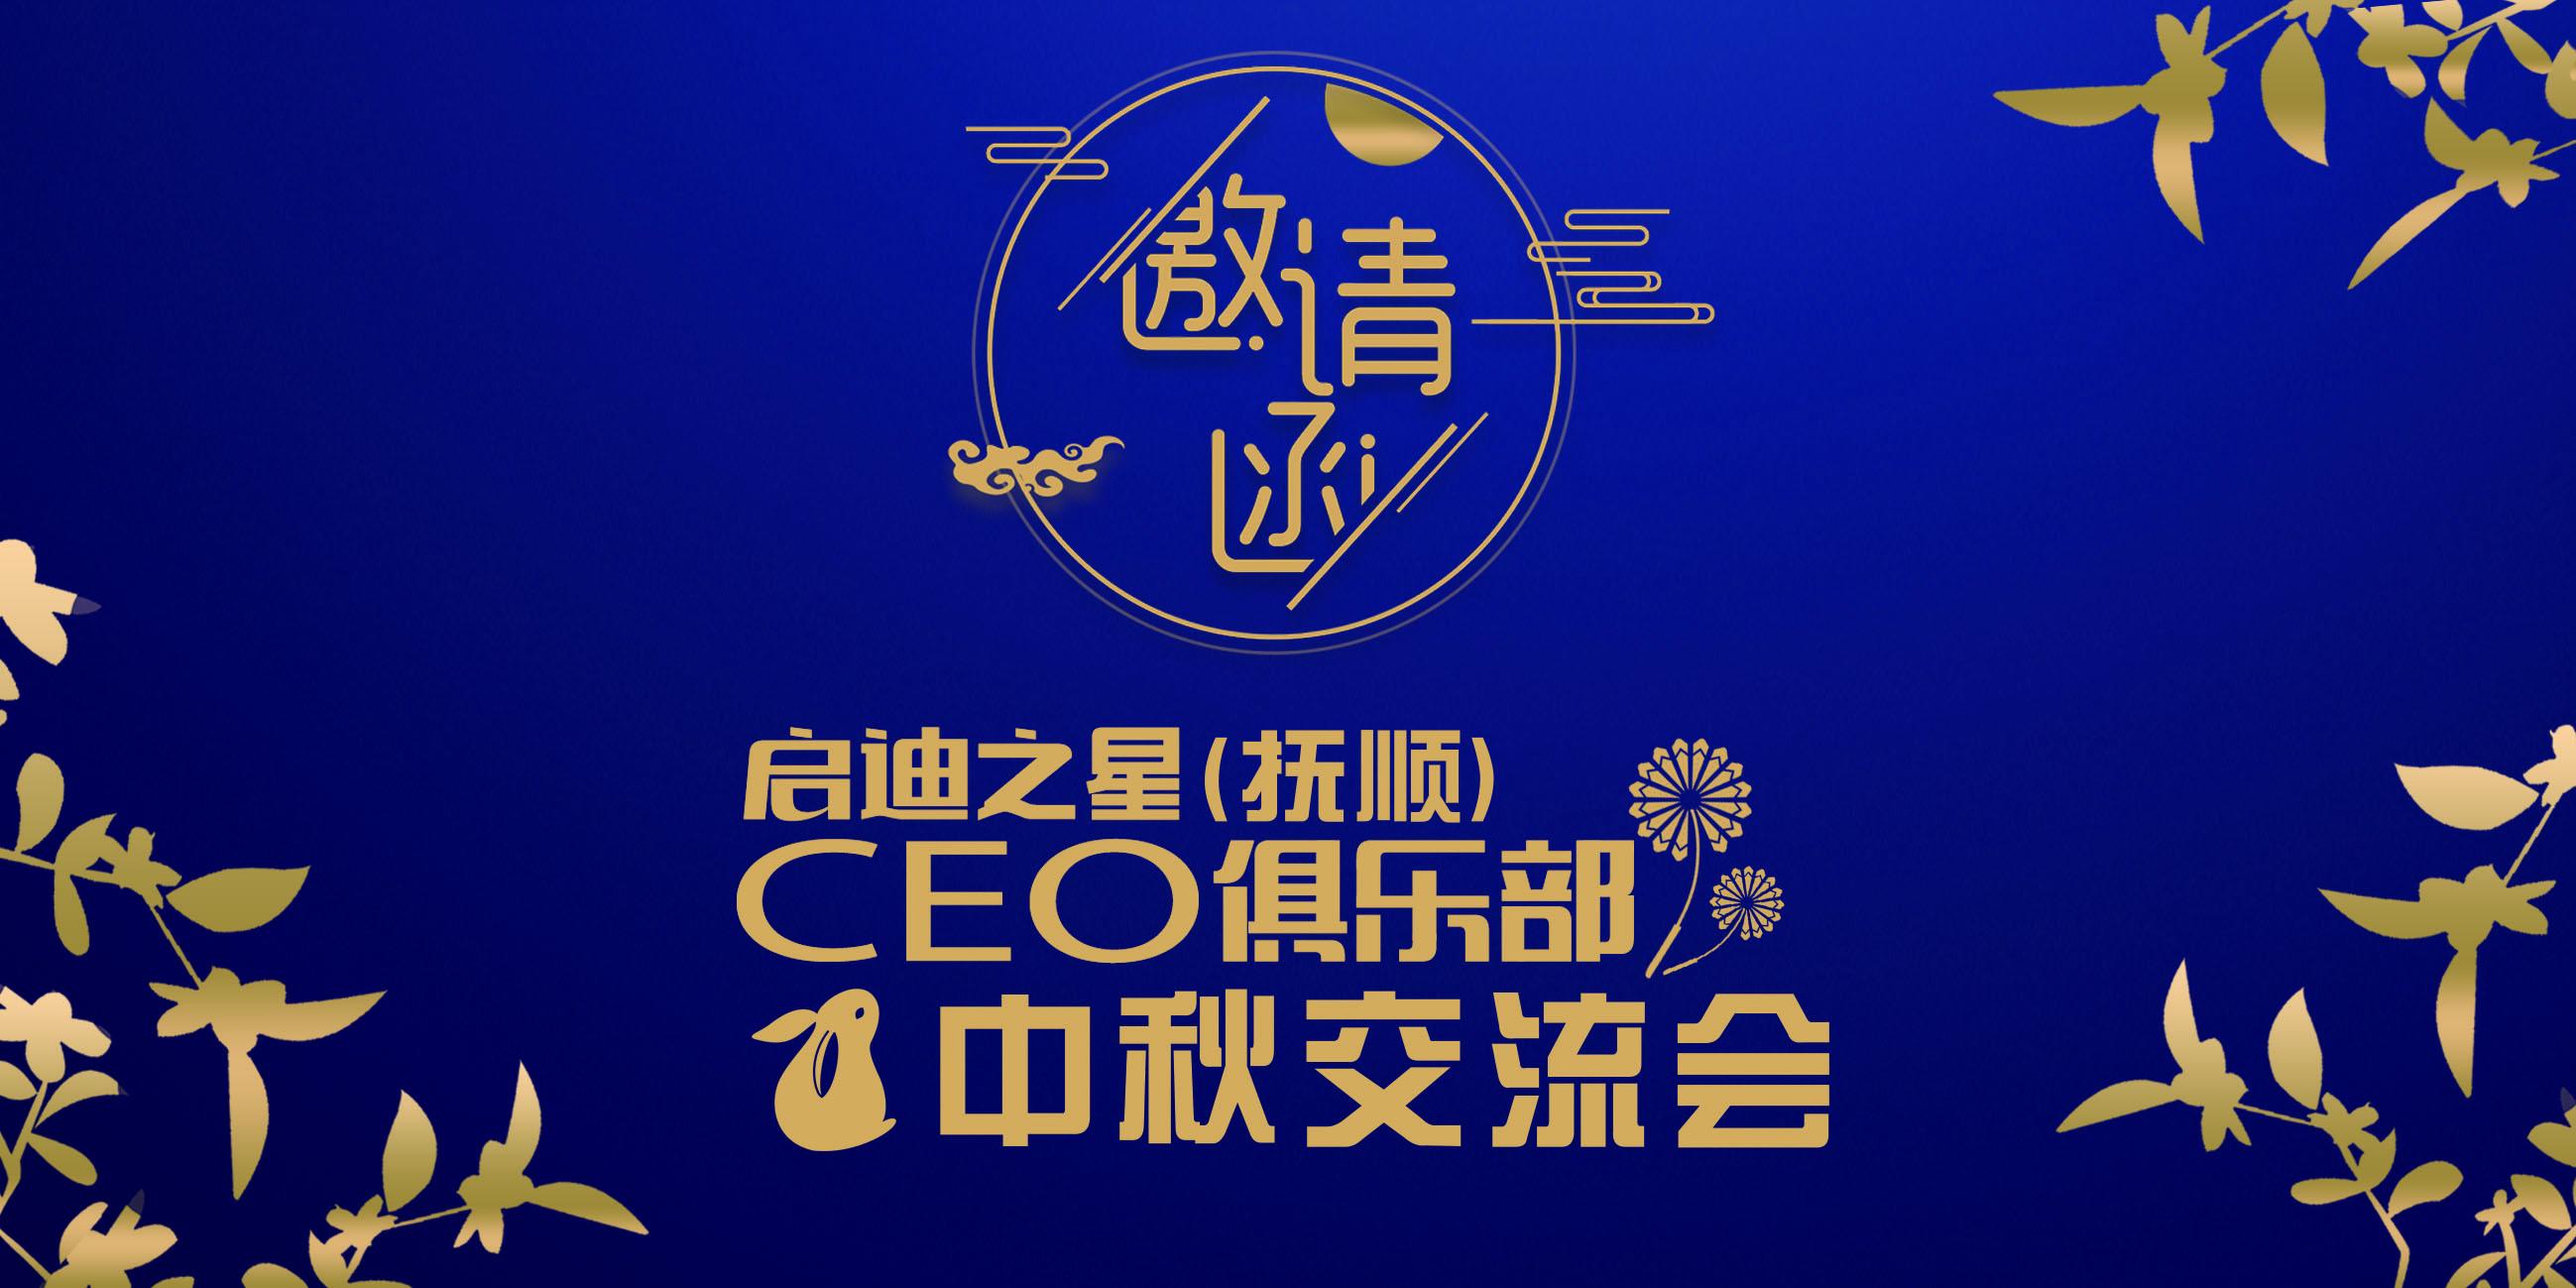 启迪之星(抚顺)CEO俱乐部-中秋交流会